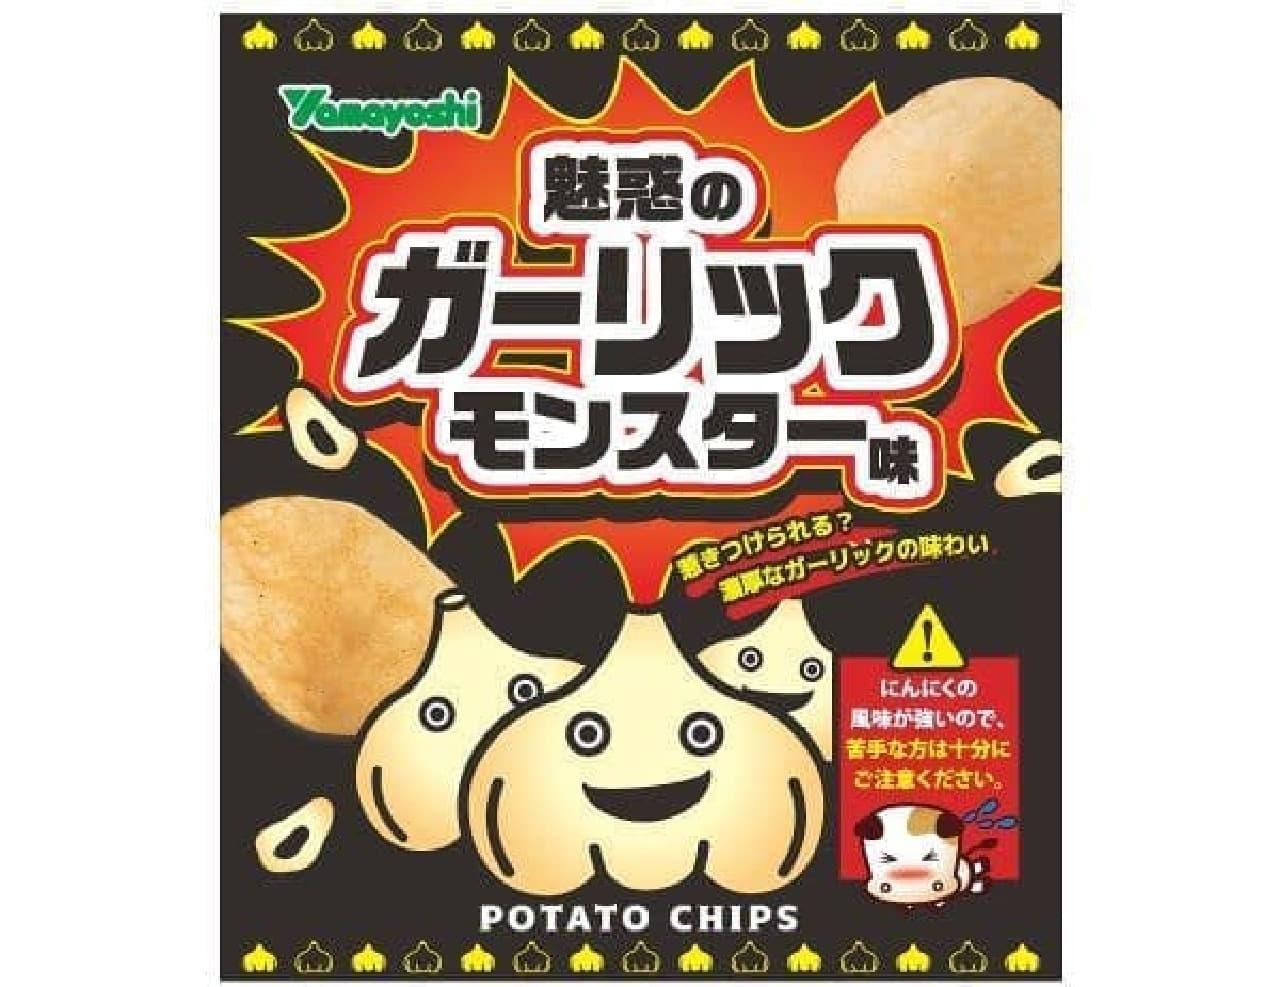 「ポテトチップス 魅惑のガーリックモンスター味」はガーリックの風味とブラックペッパーの刺激が楽しめるポテトチップス